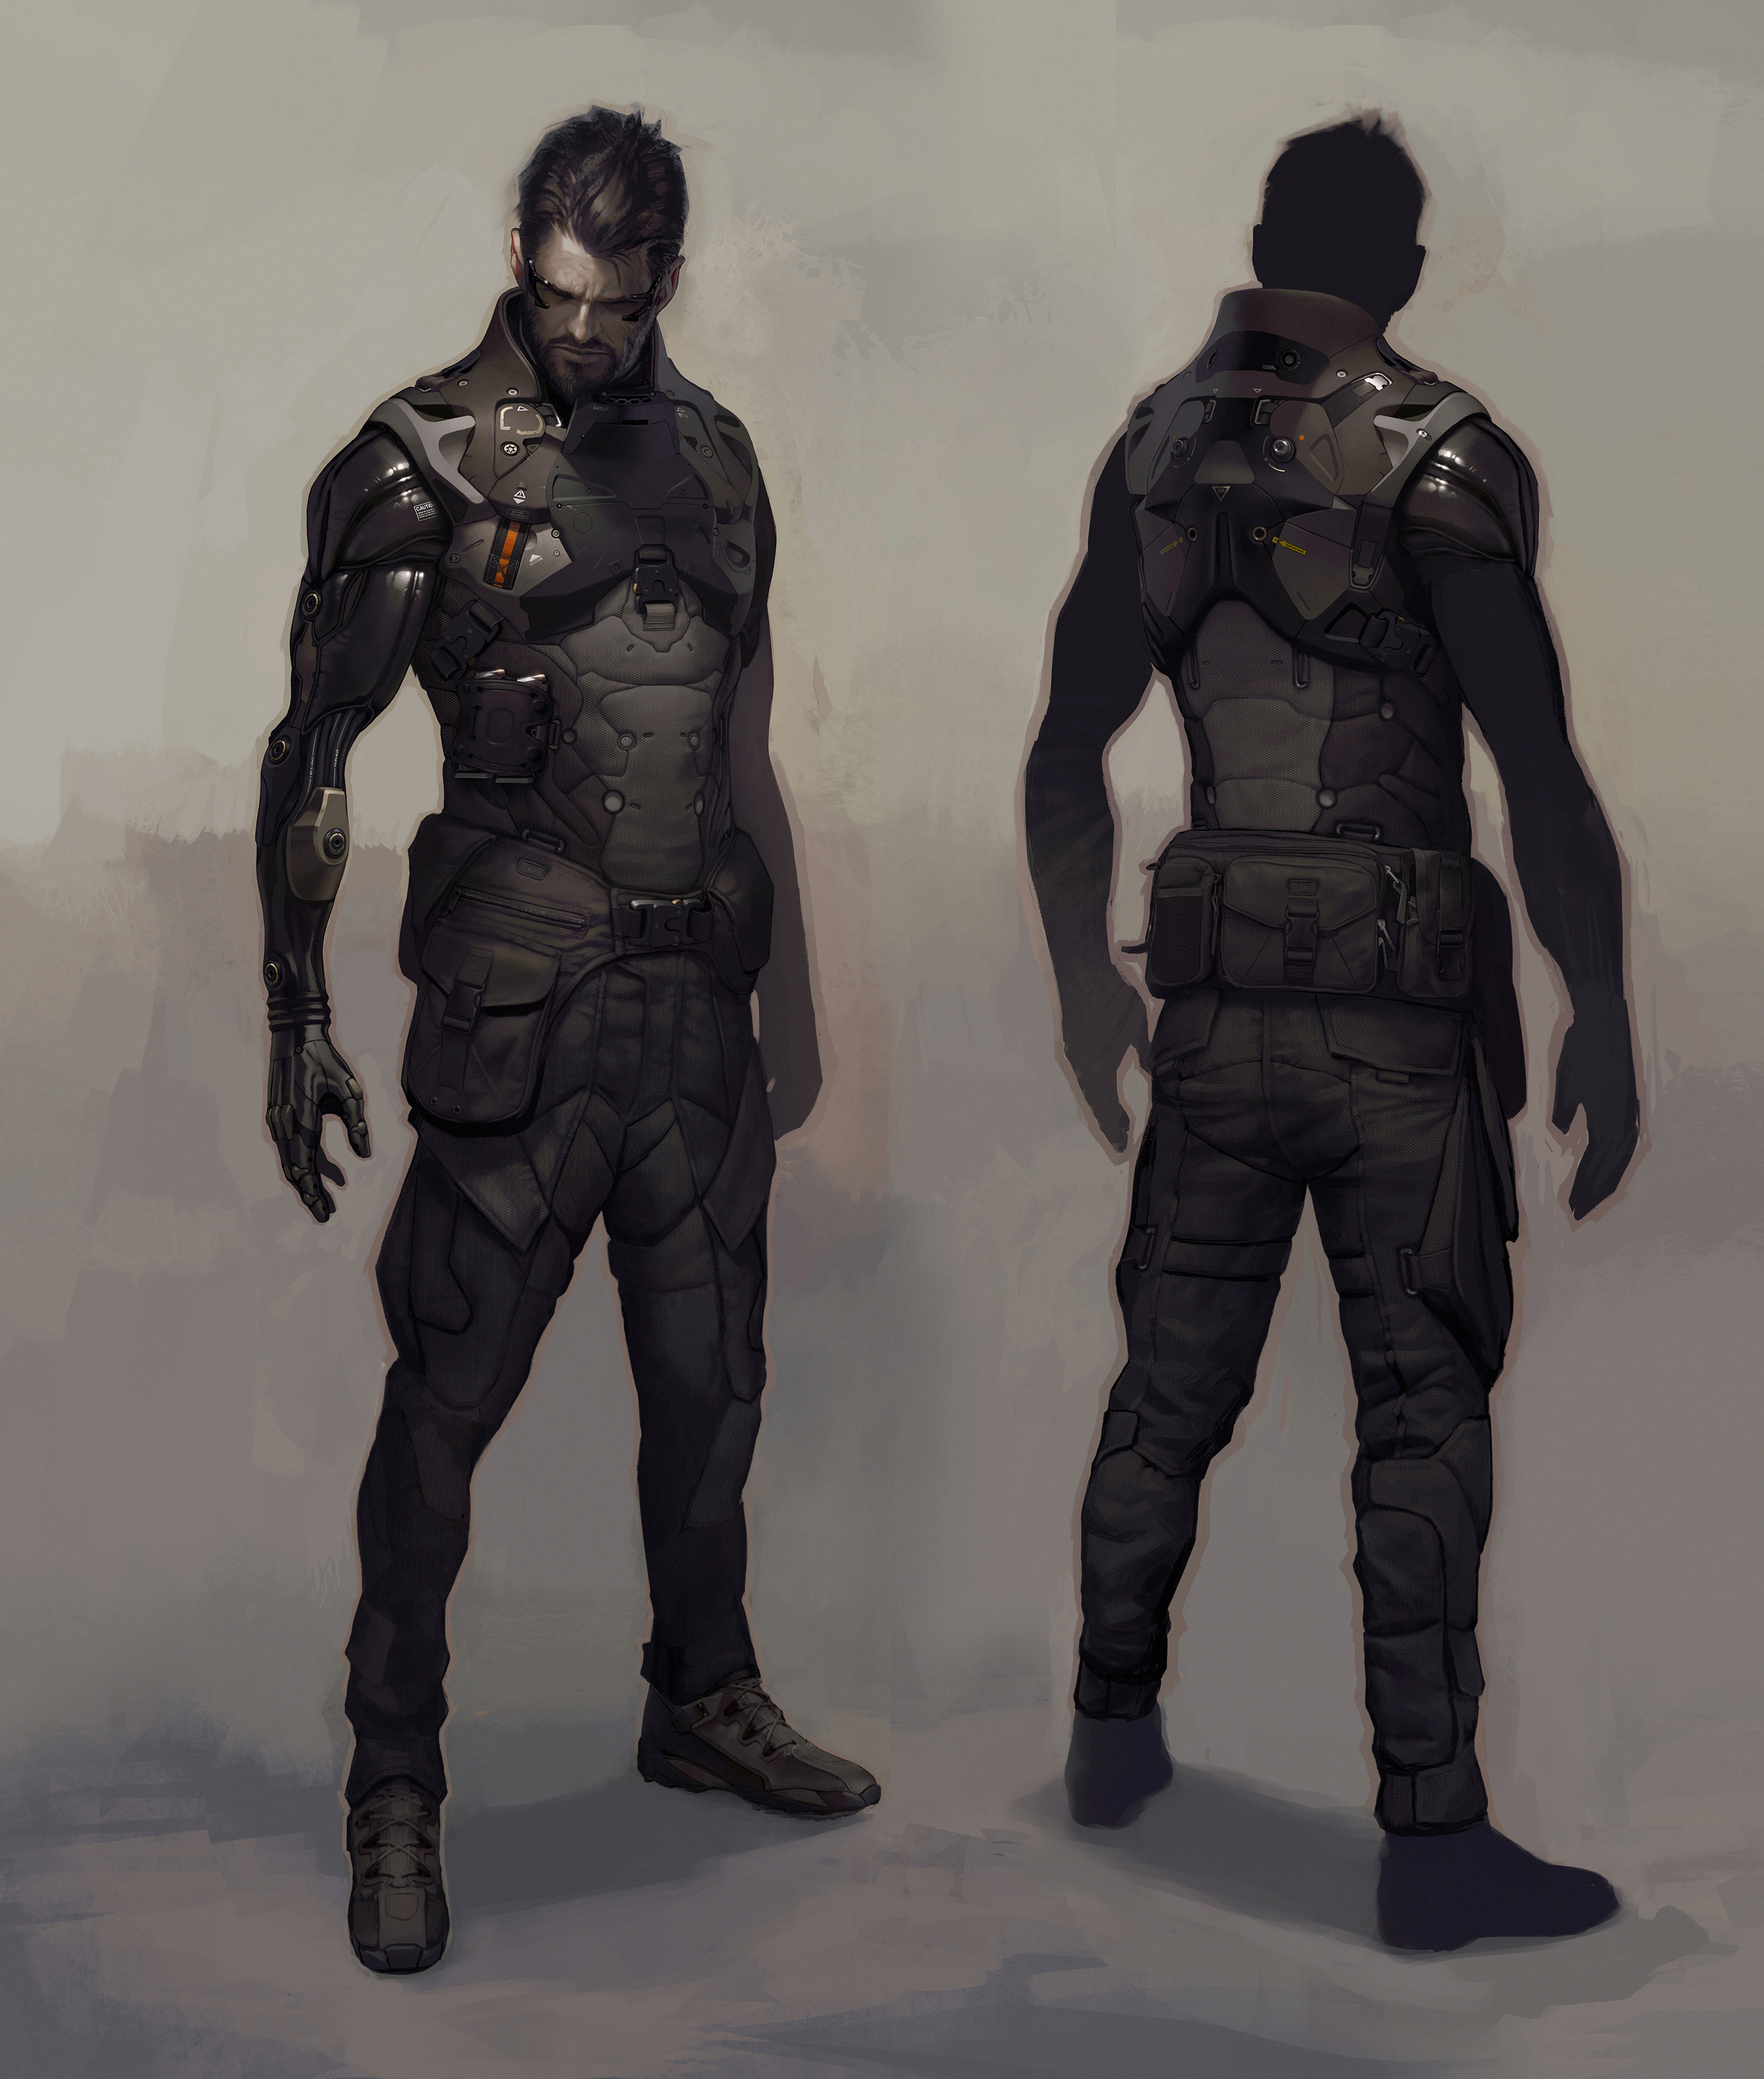 Množství obrazových materiálů z Deus Ex: Mankind Divided 111611